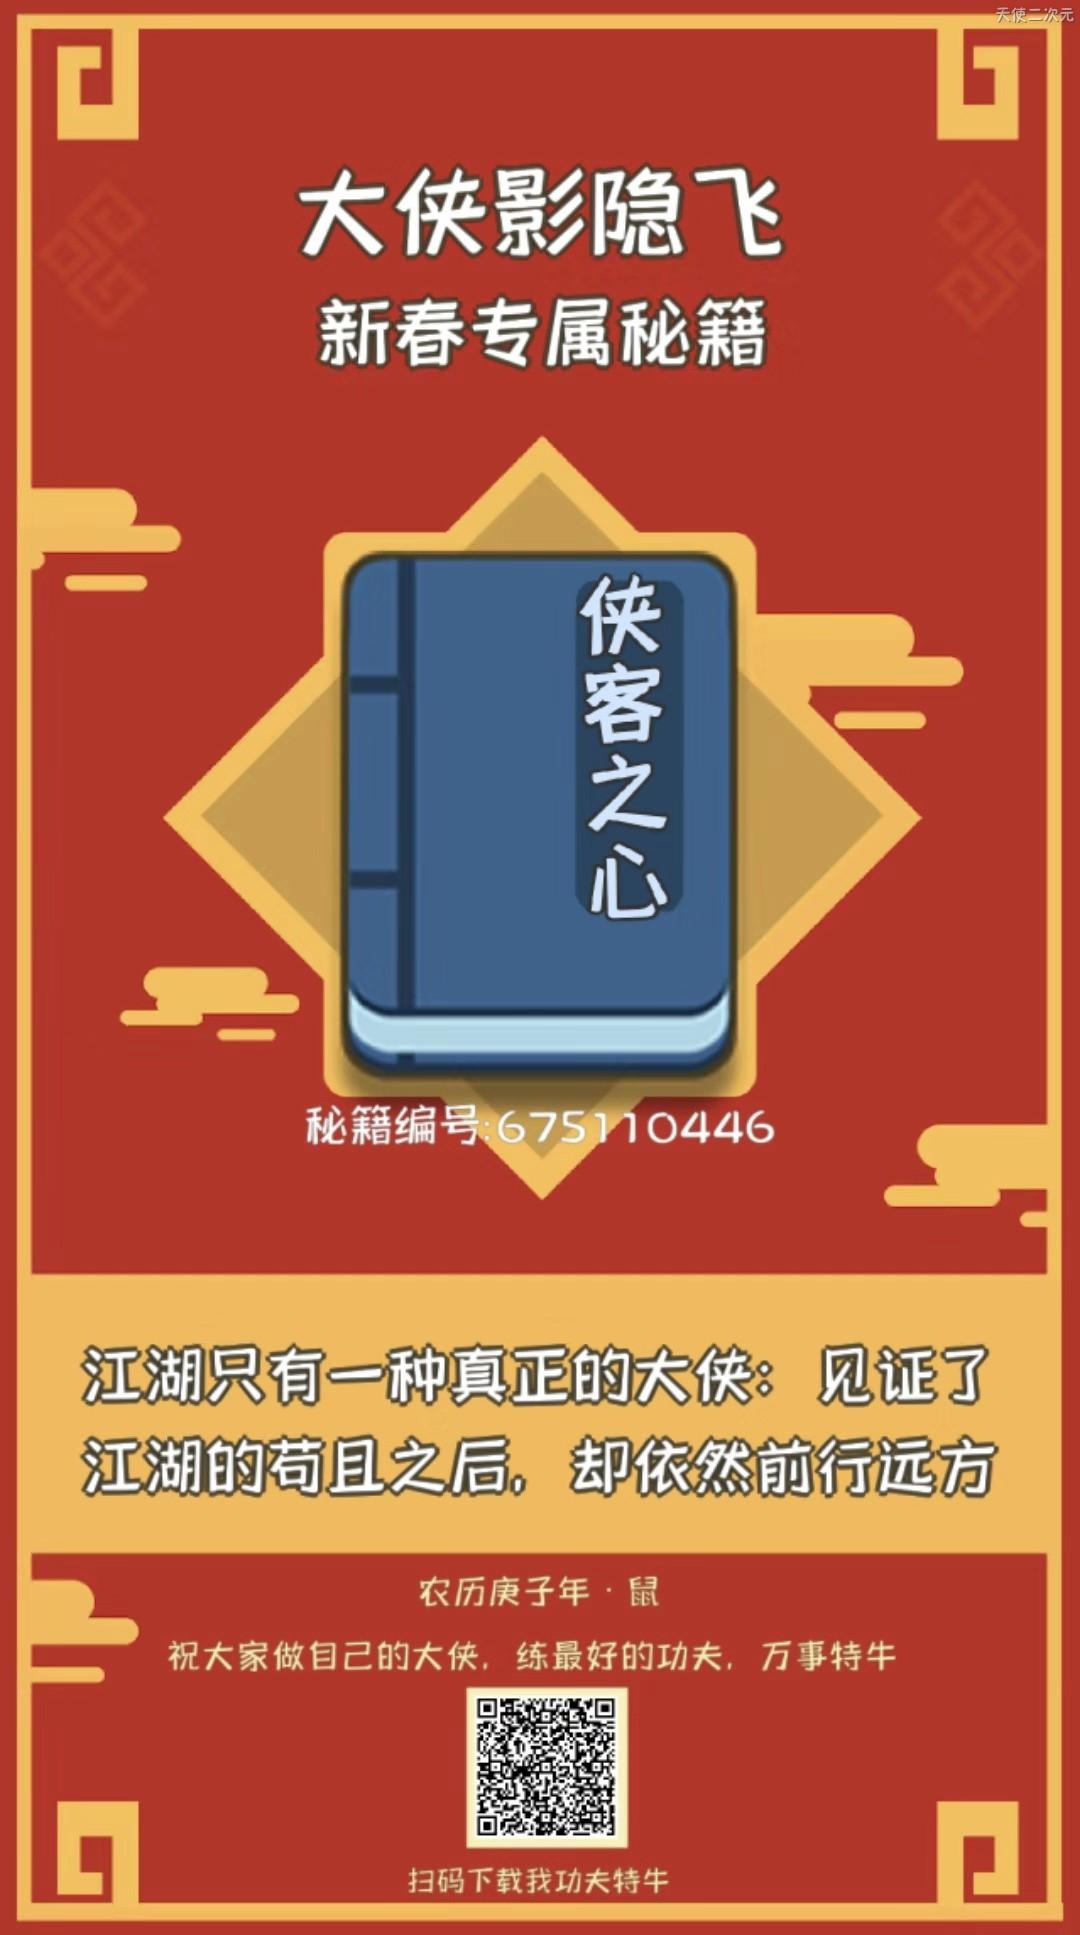 微信图片_20200207212253.jpg